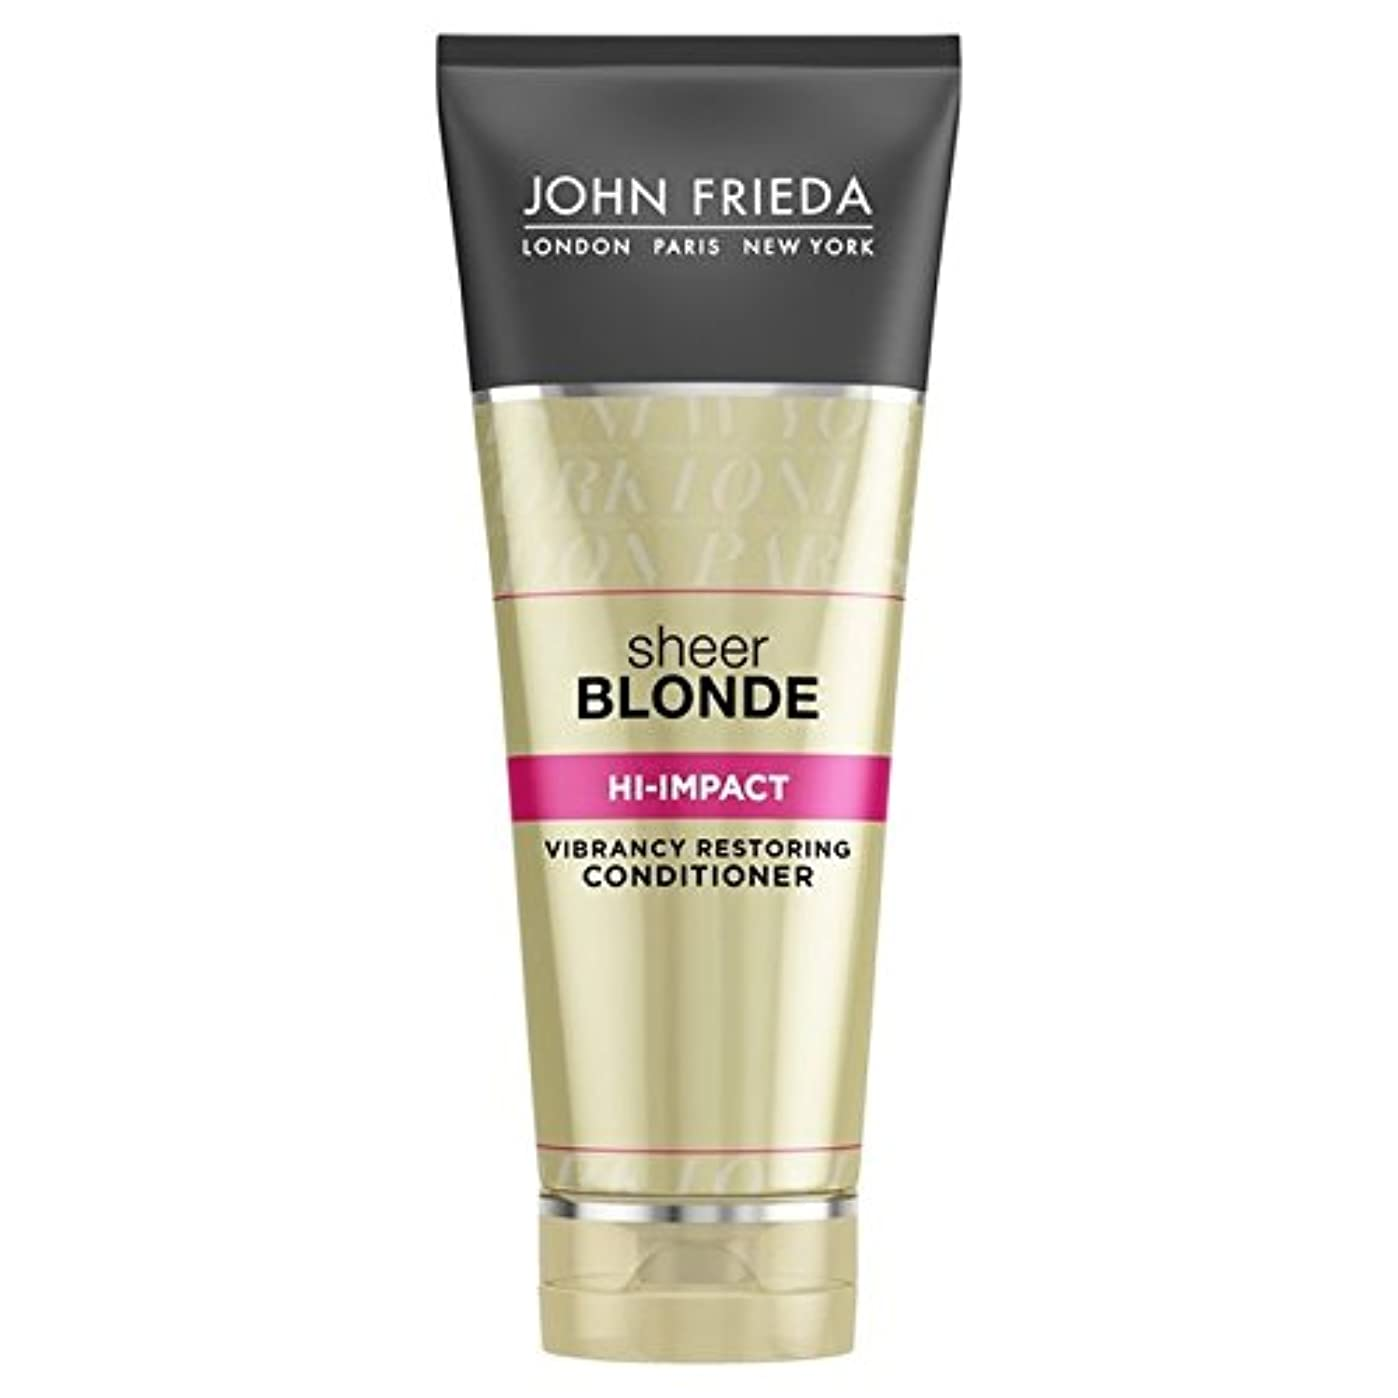 租界かんがい聞くJohn Frieda Sheer Blonde Hi Impact Conditioner 250ml - ジョン?フリーダ膨大なブロンドハイインパクトコンディショナー250 [並行輸入品]